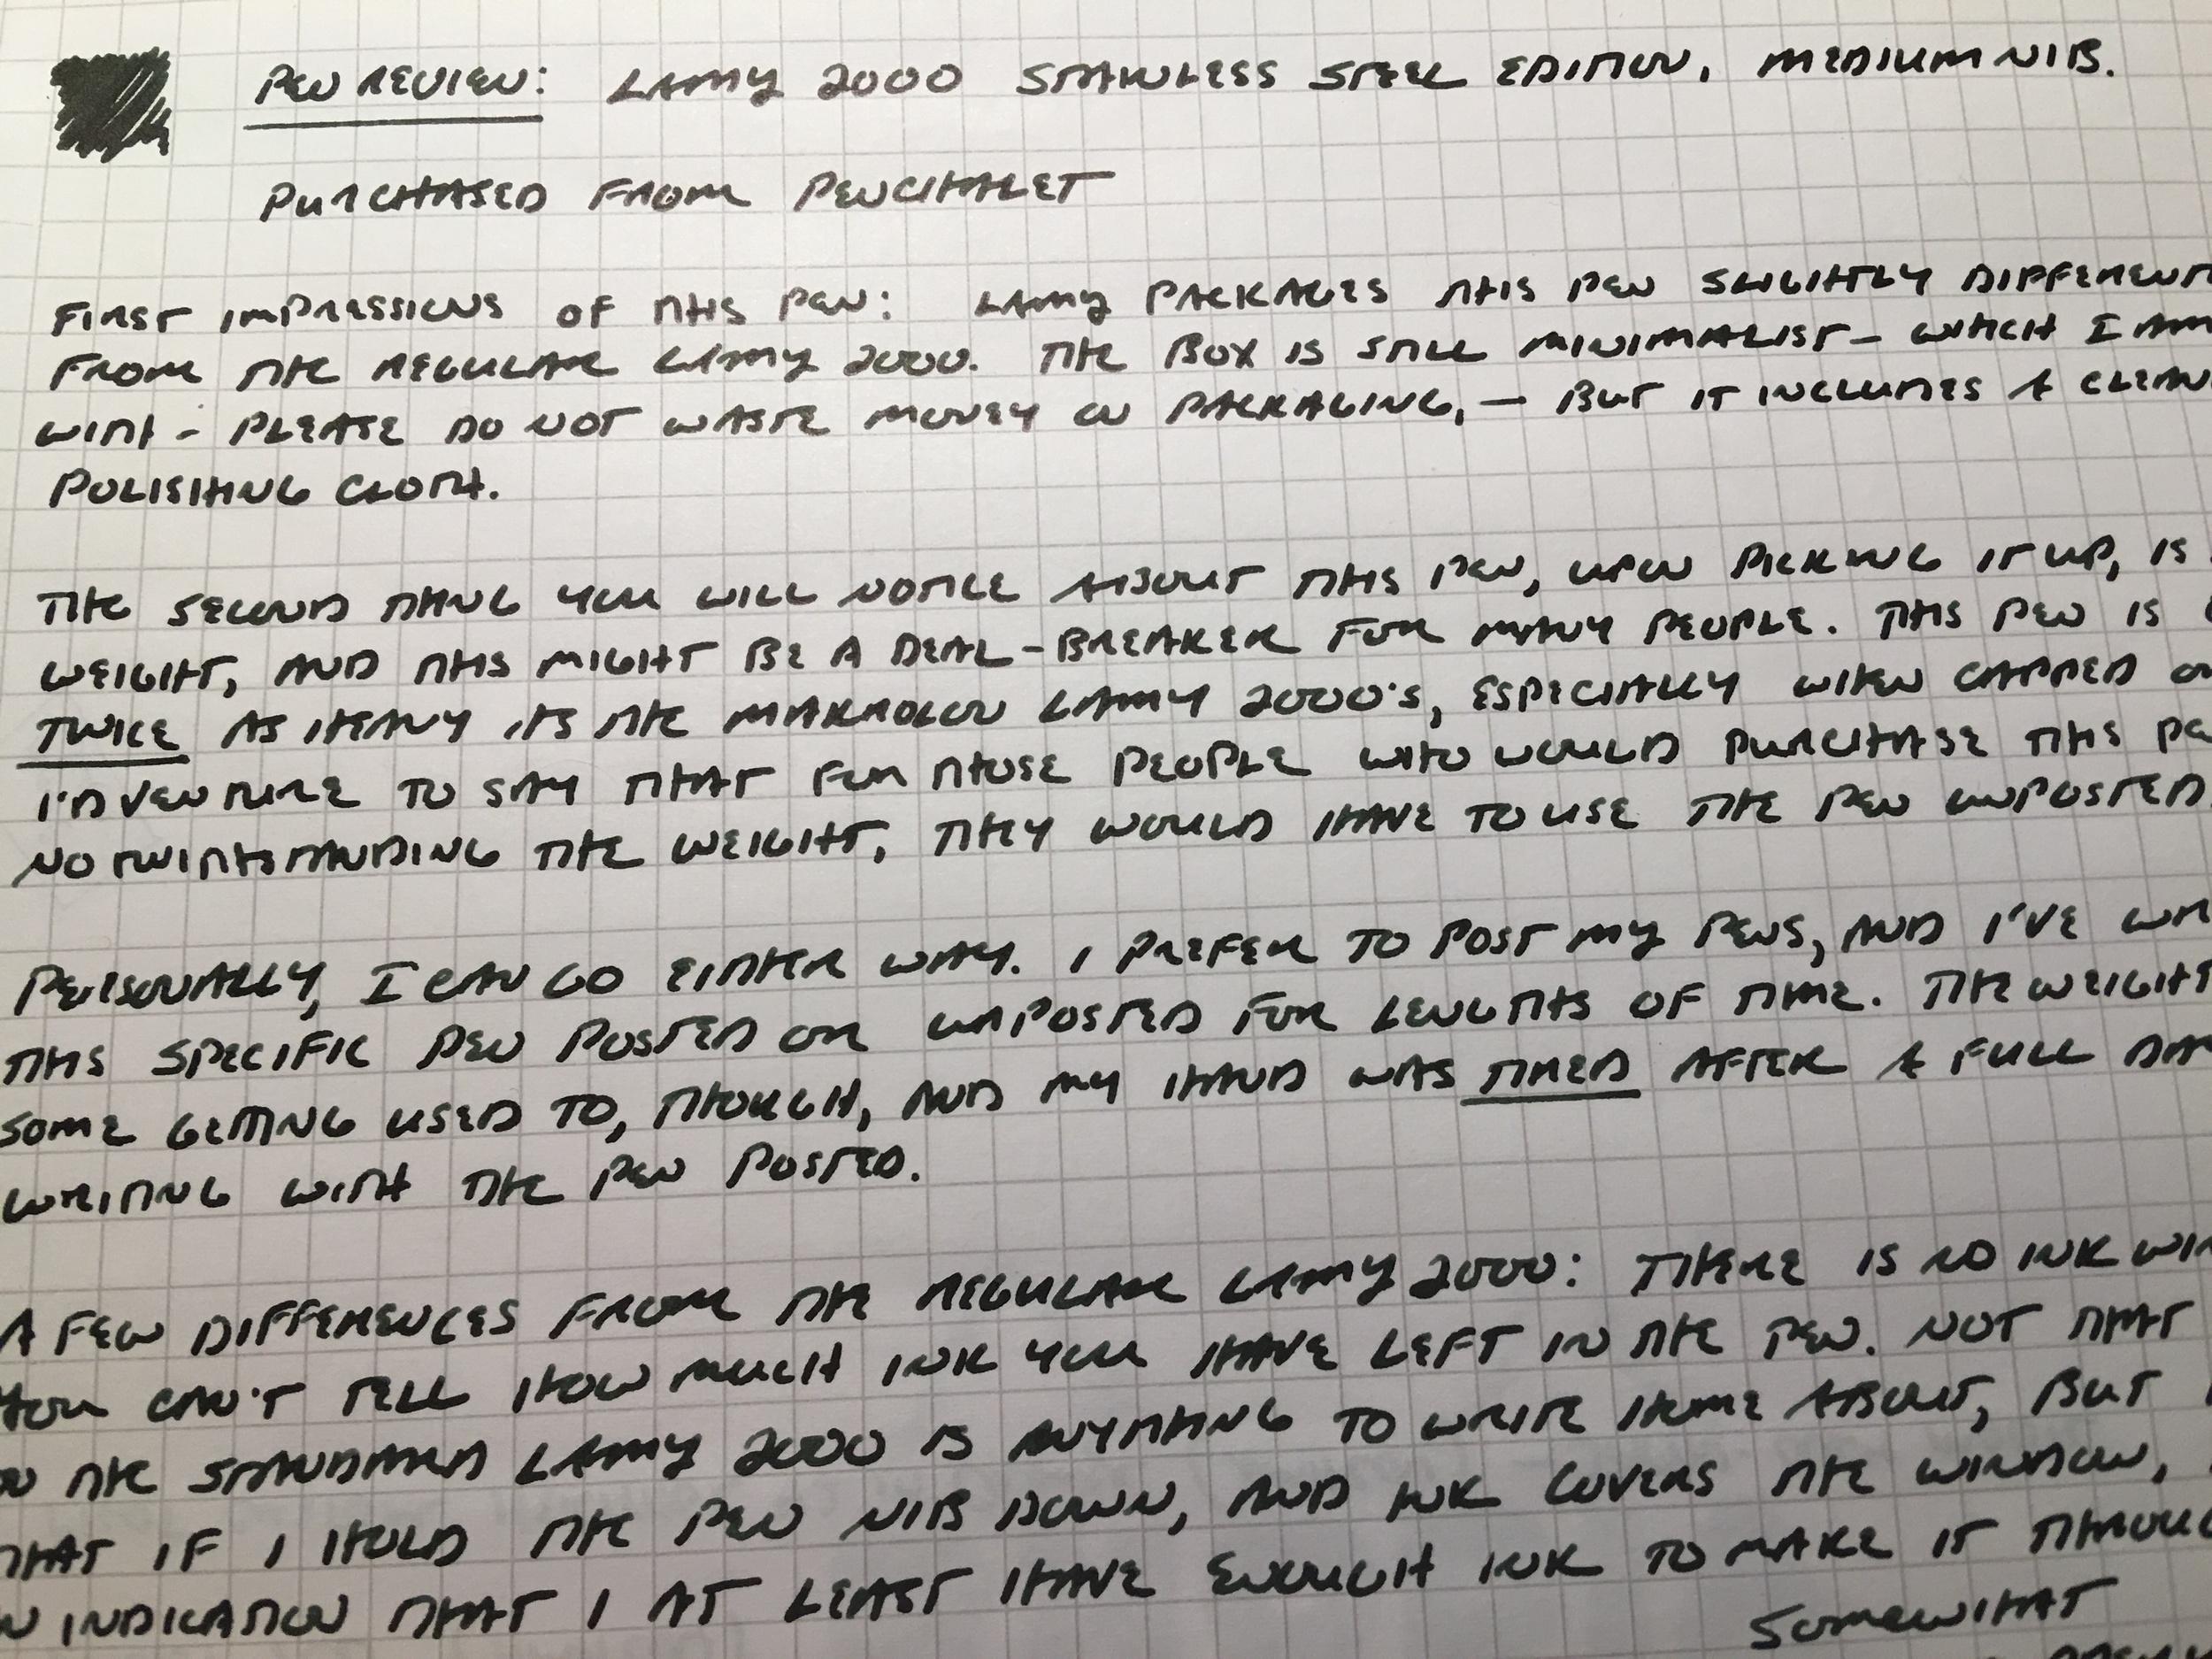 Lamy 2000 Medium Writing Sample